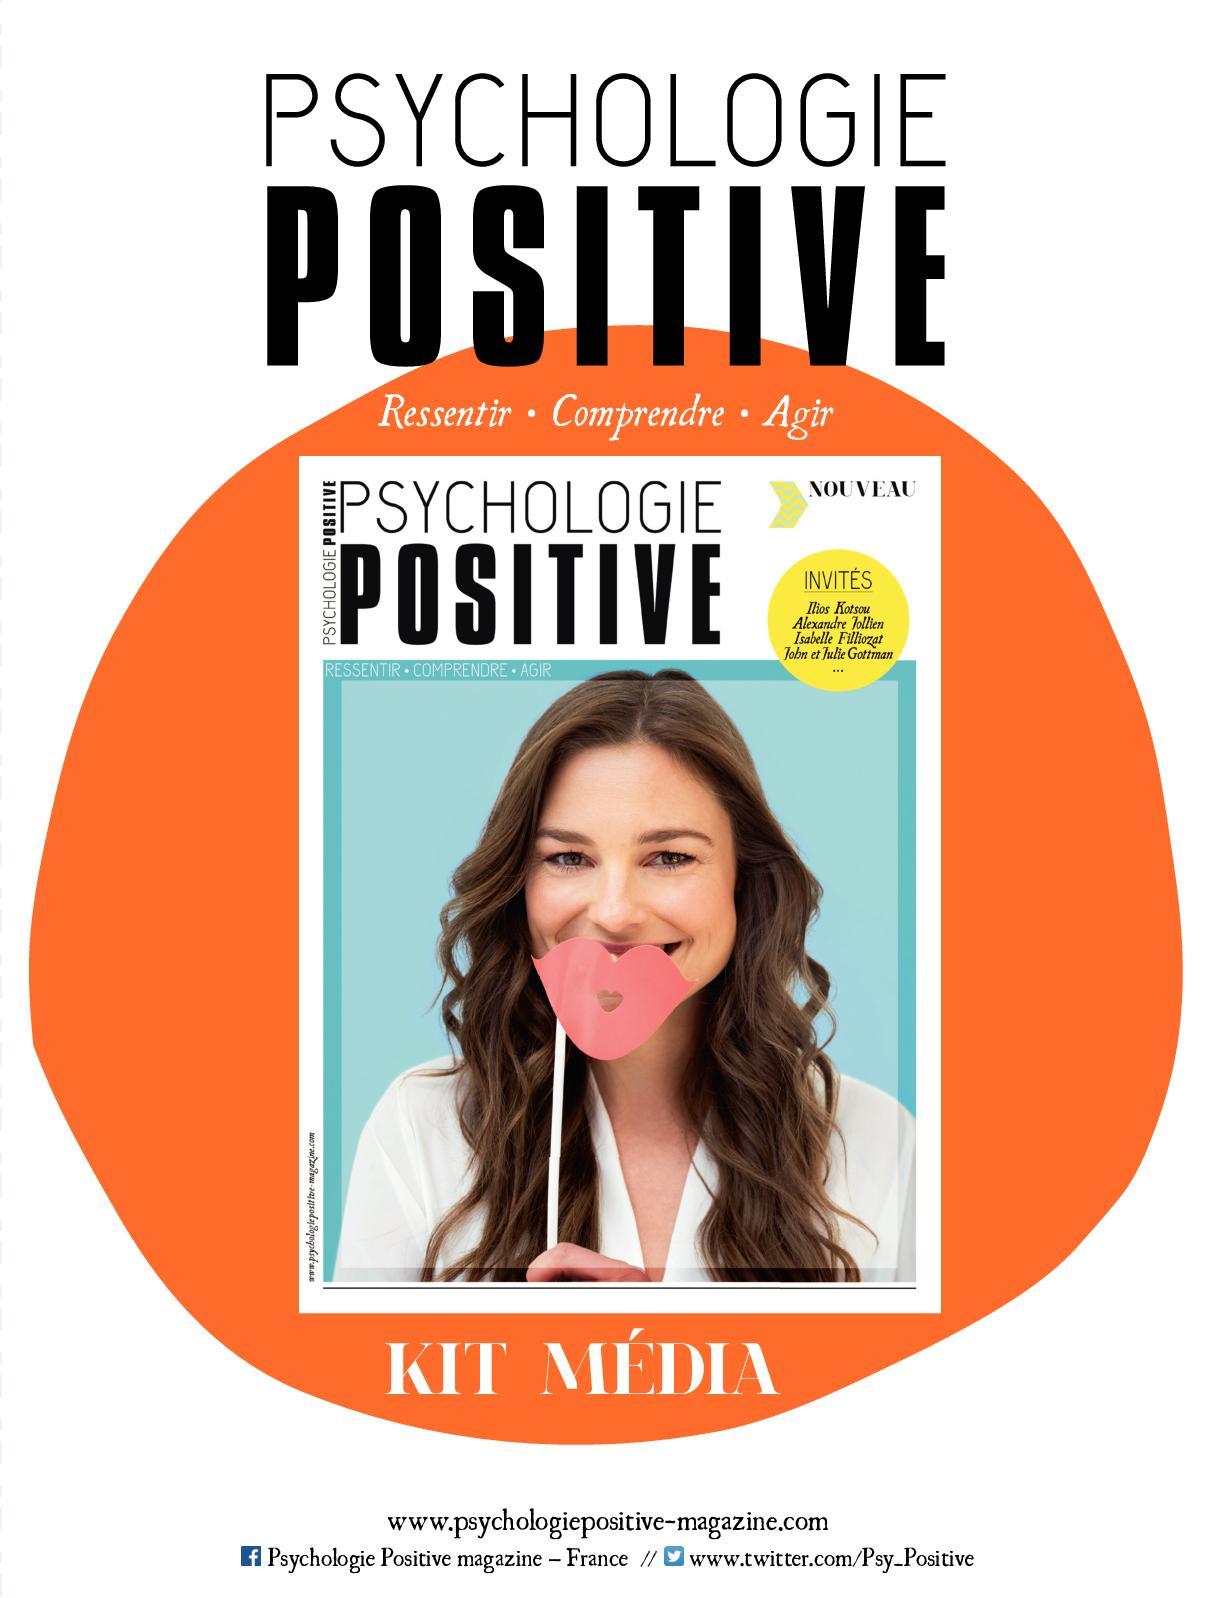 Média kit Psychologie Positive